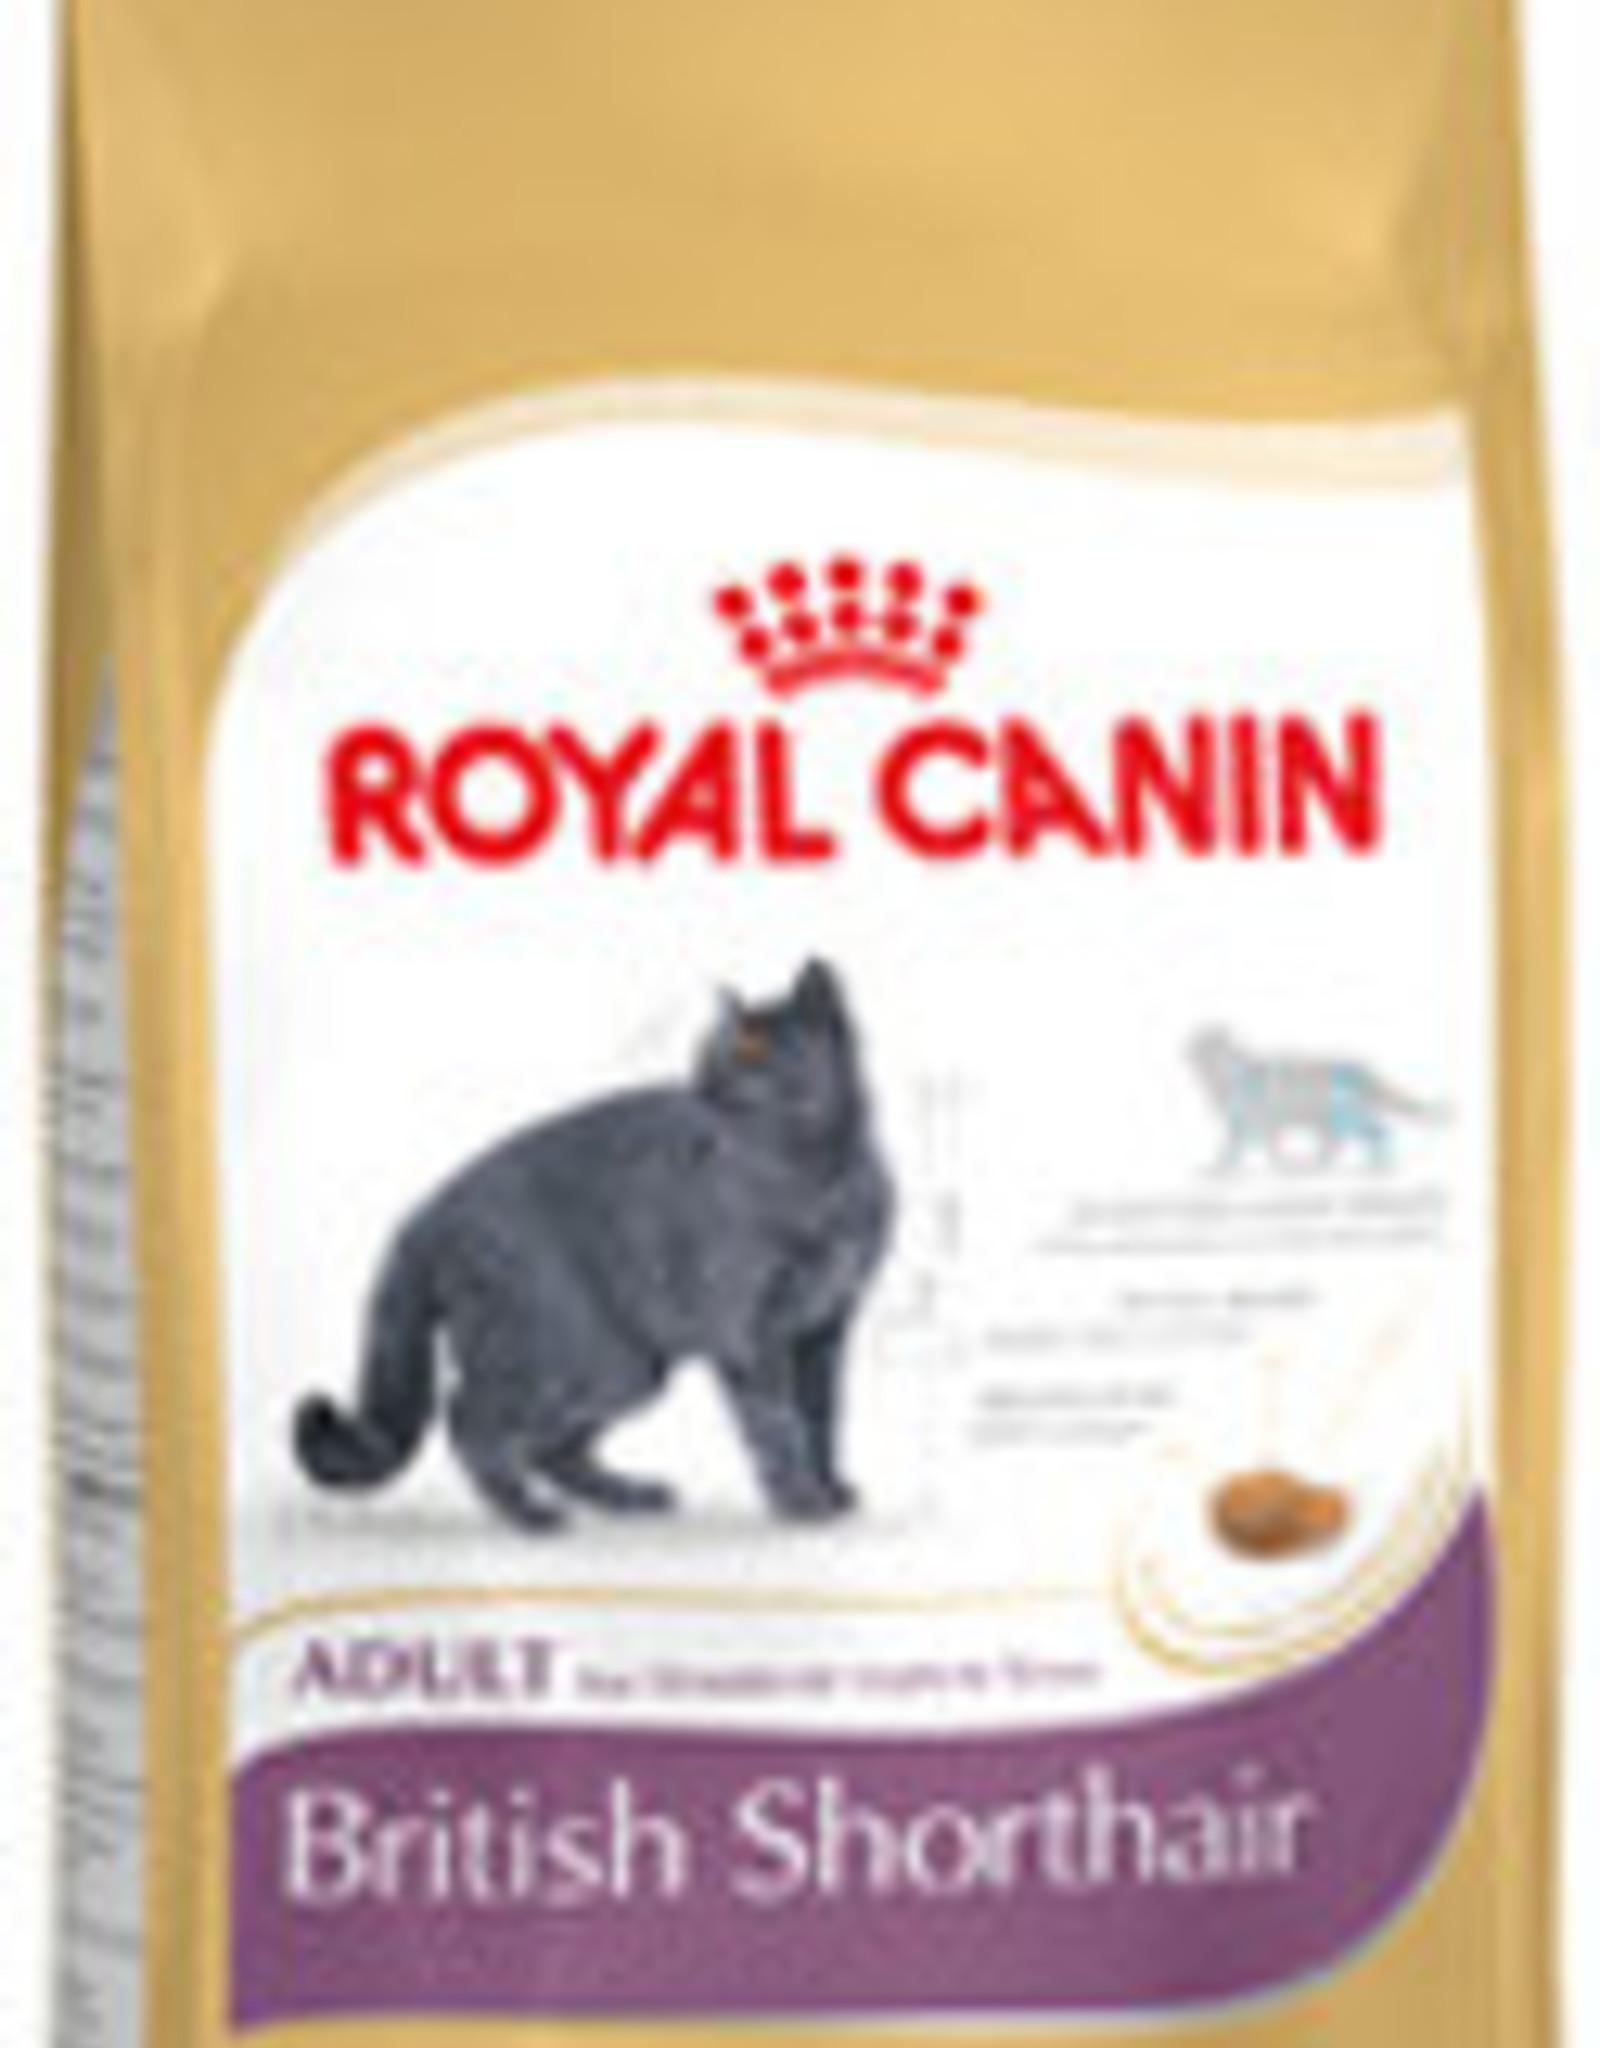 Royal Canin Royal Canin Fbn British Shorthair 2kg